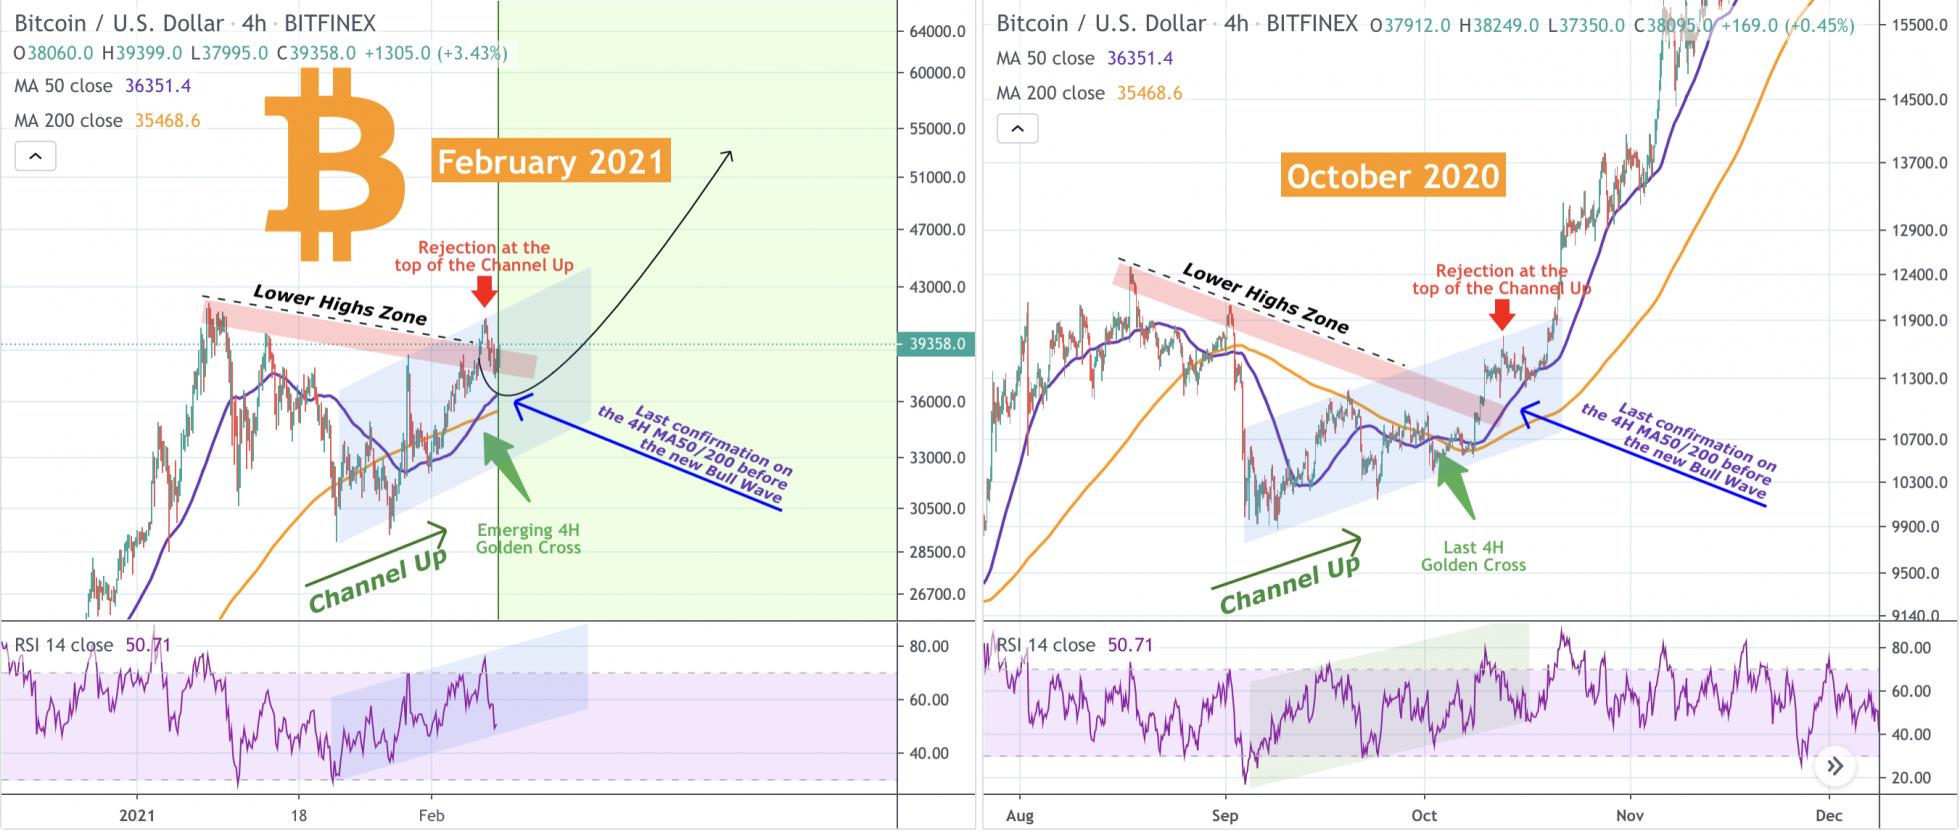 bitcoin neden yükseliyor Fraktal yine gürledi! BTC nereye doğru gidiyor?